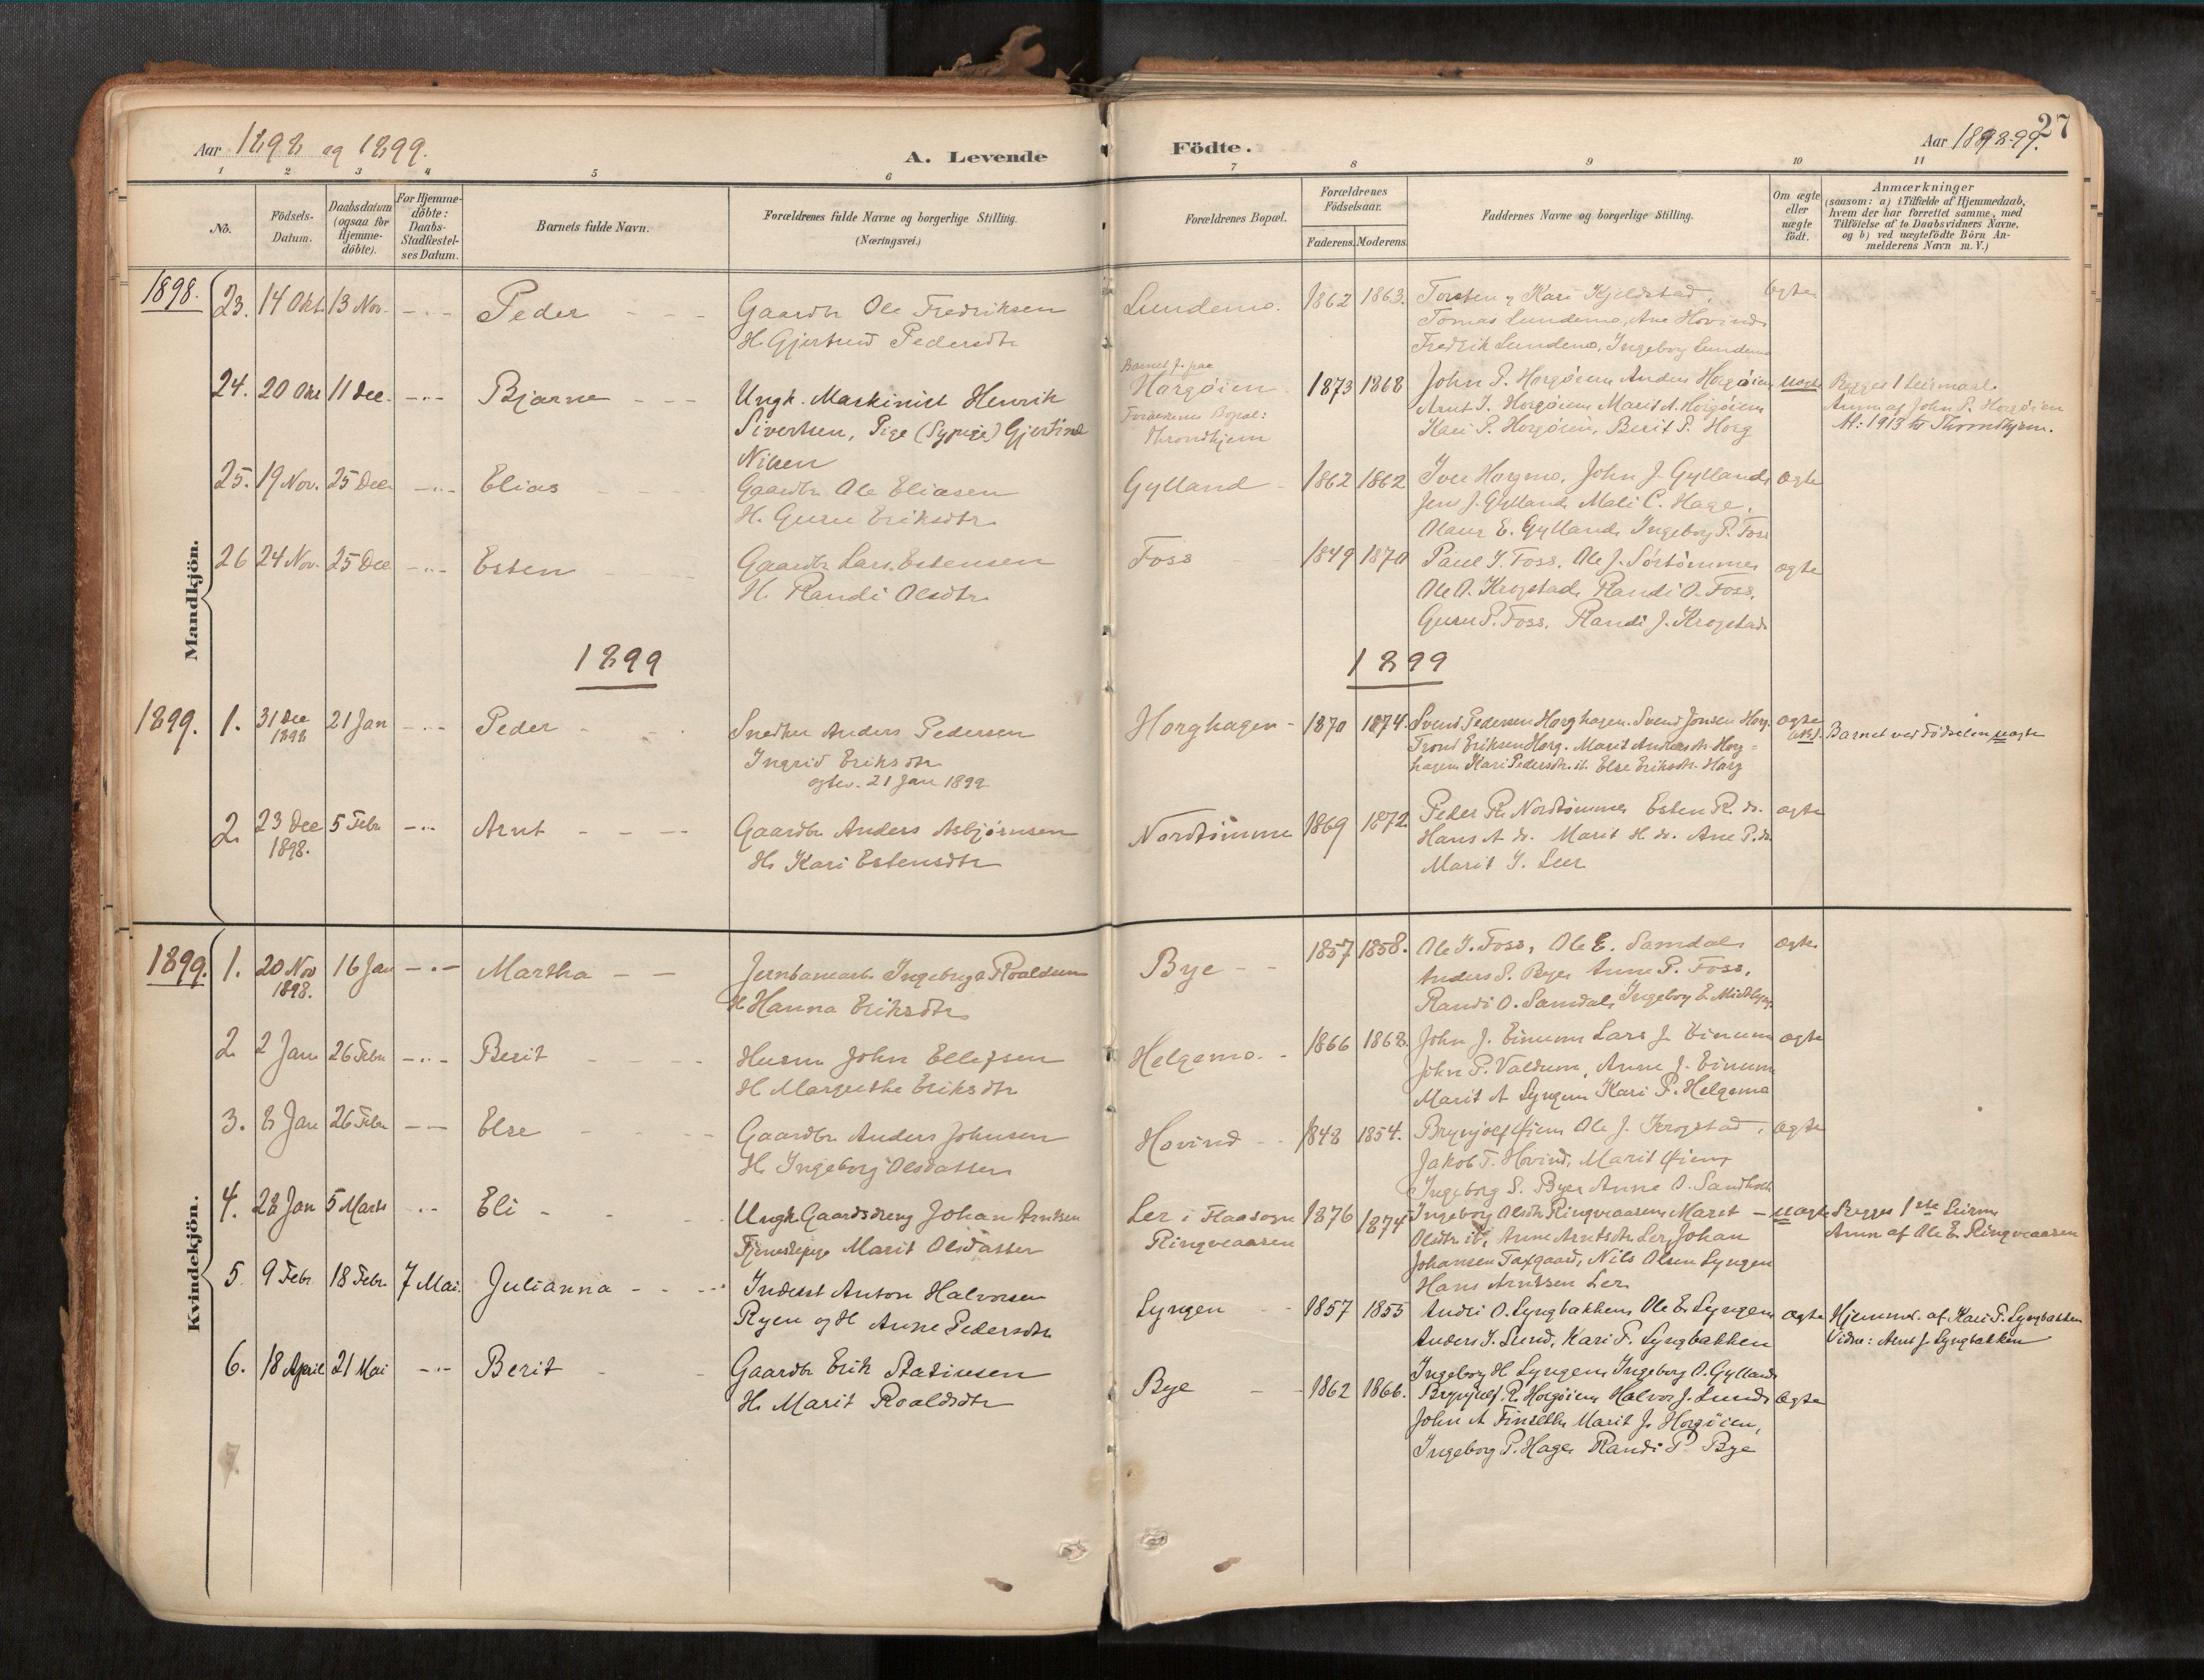 SAT, Ministerialprotokoller, klokkerbøker og fødselsregistre - Sør-Trøndelag, 692/L1105b: Ministerialbok nr. 692A06, 1891-1934, s. 27